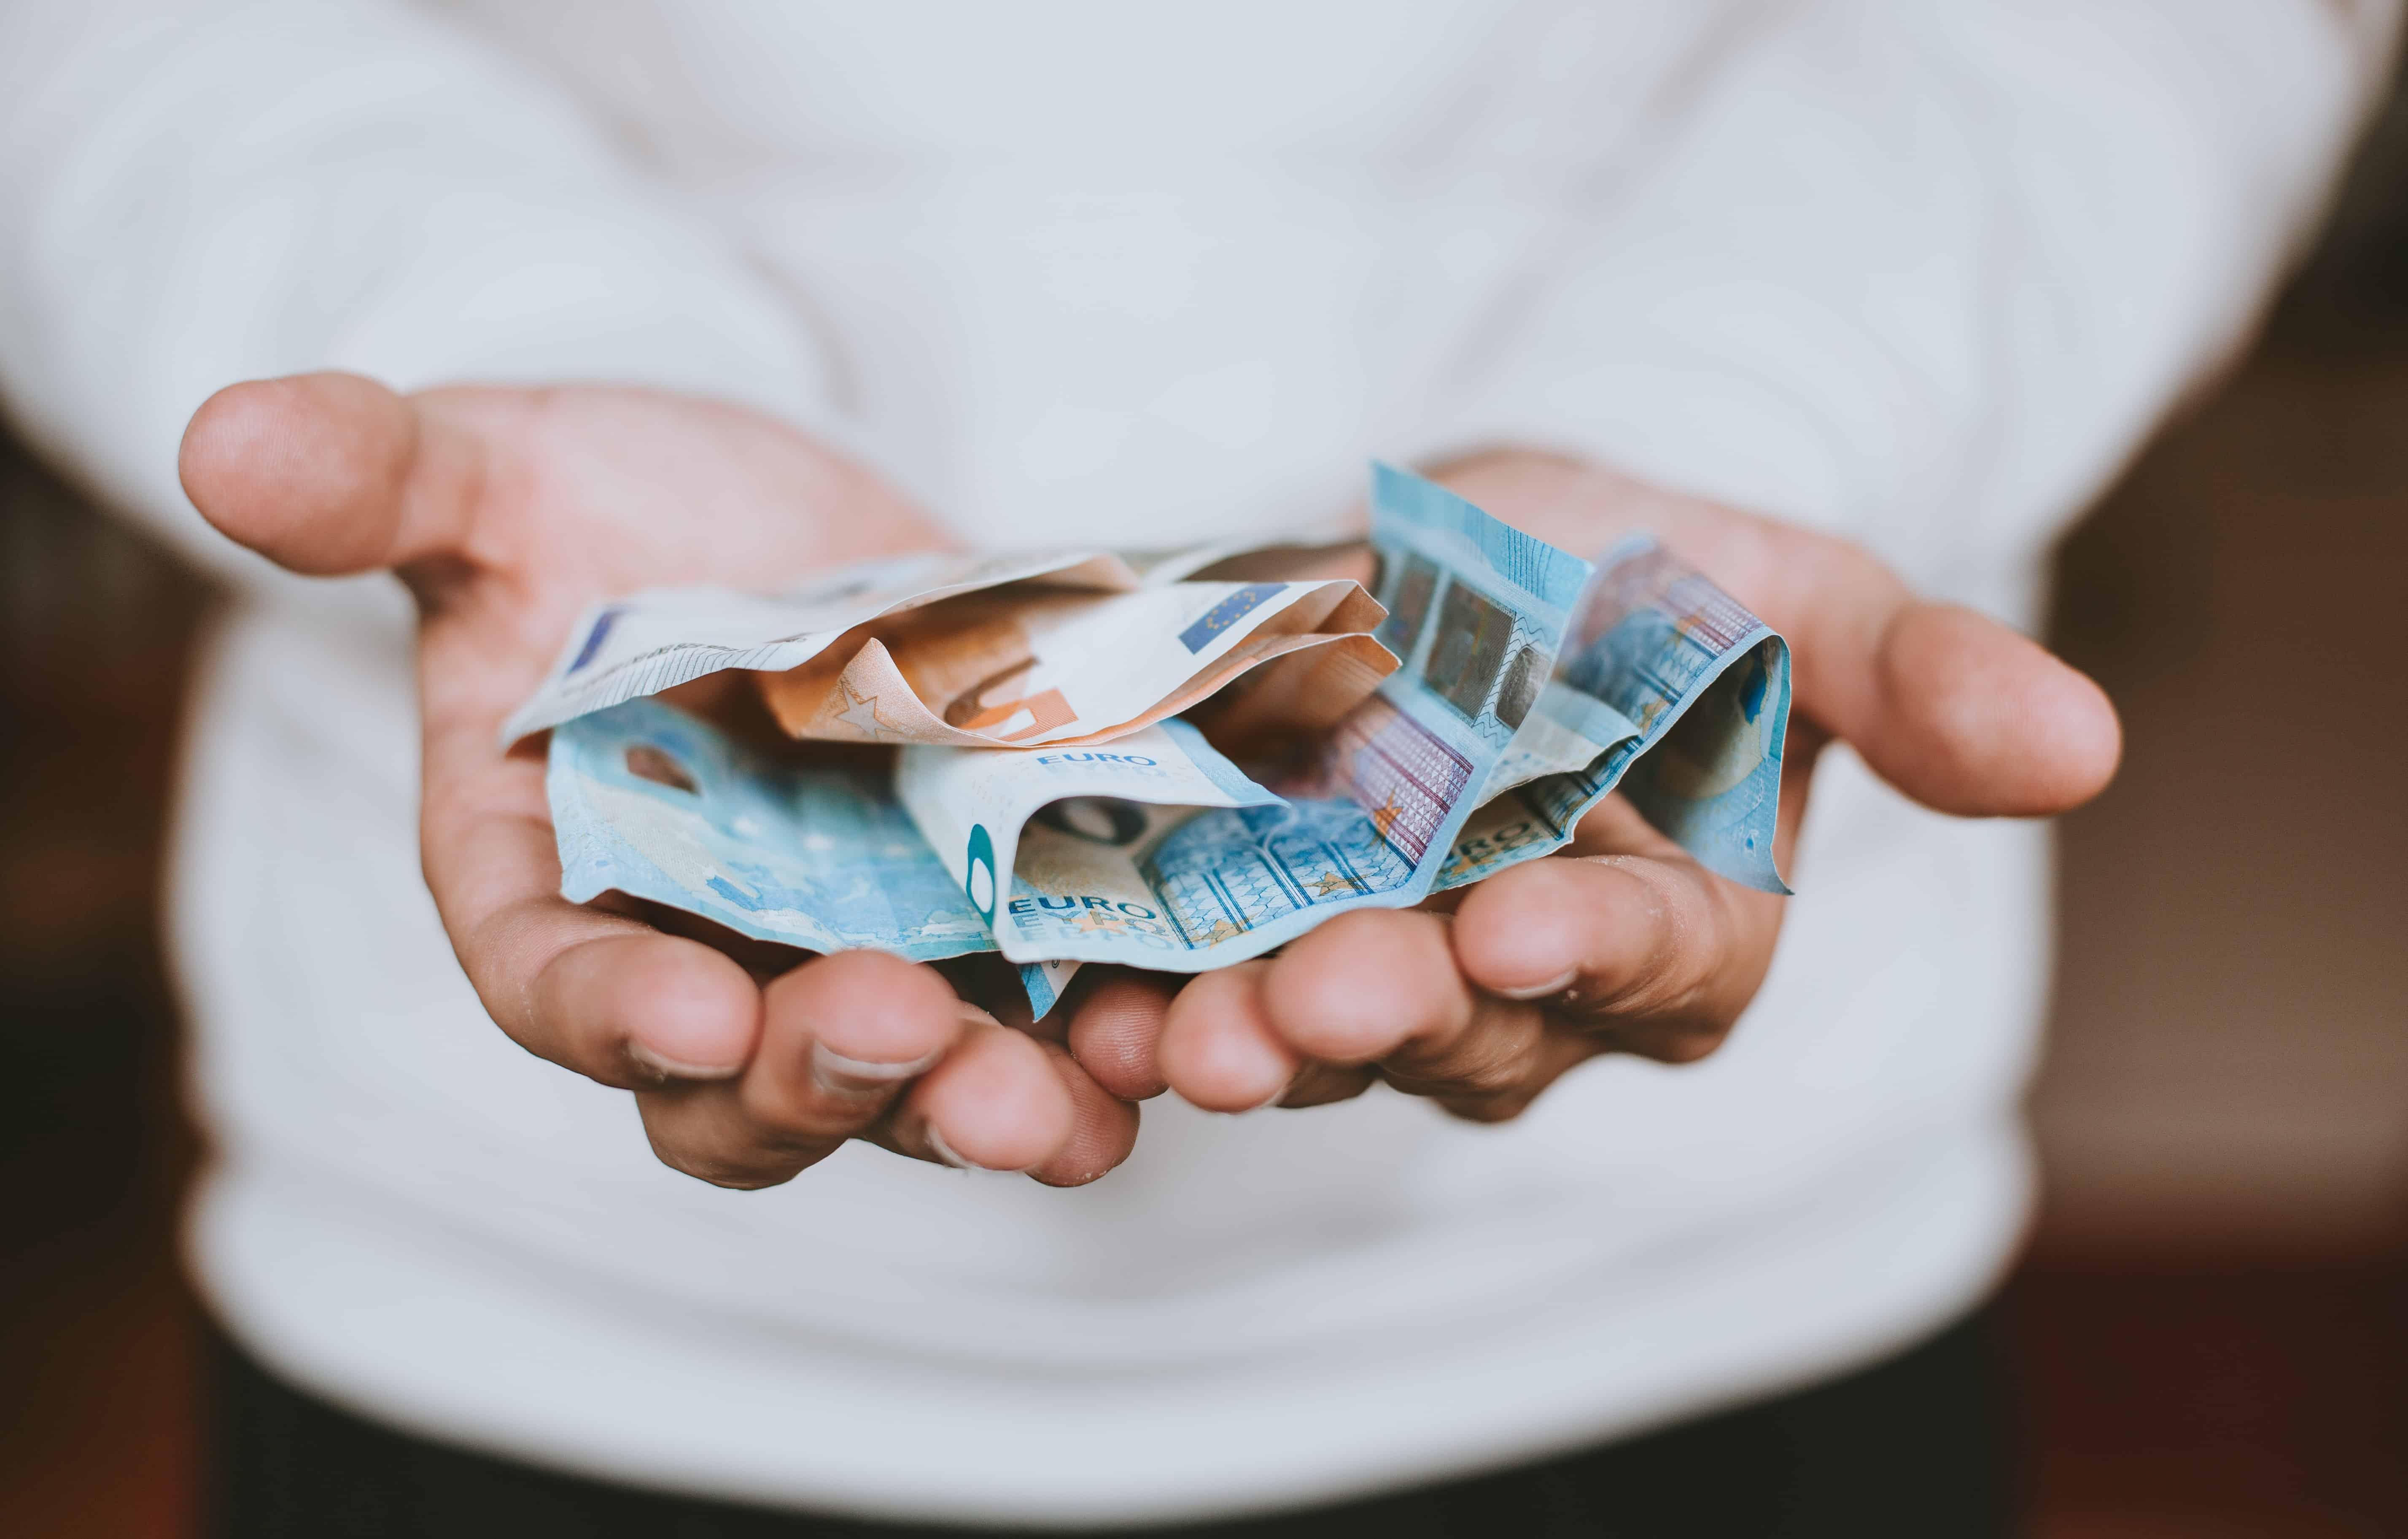 recenzii unde să faci bani rapid